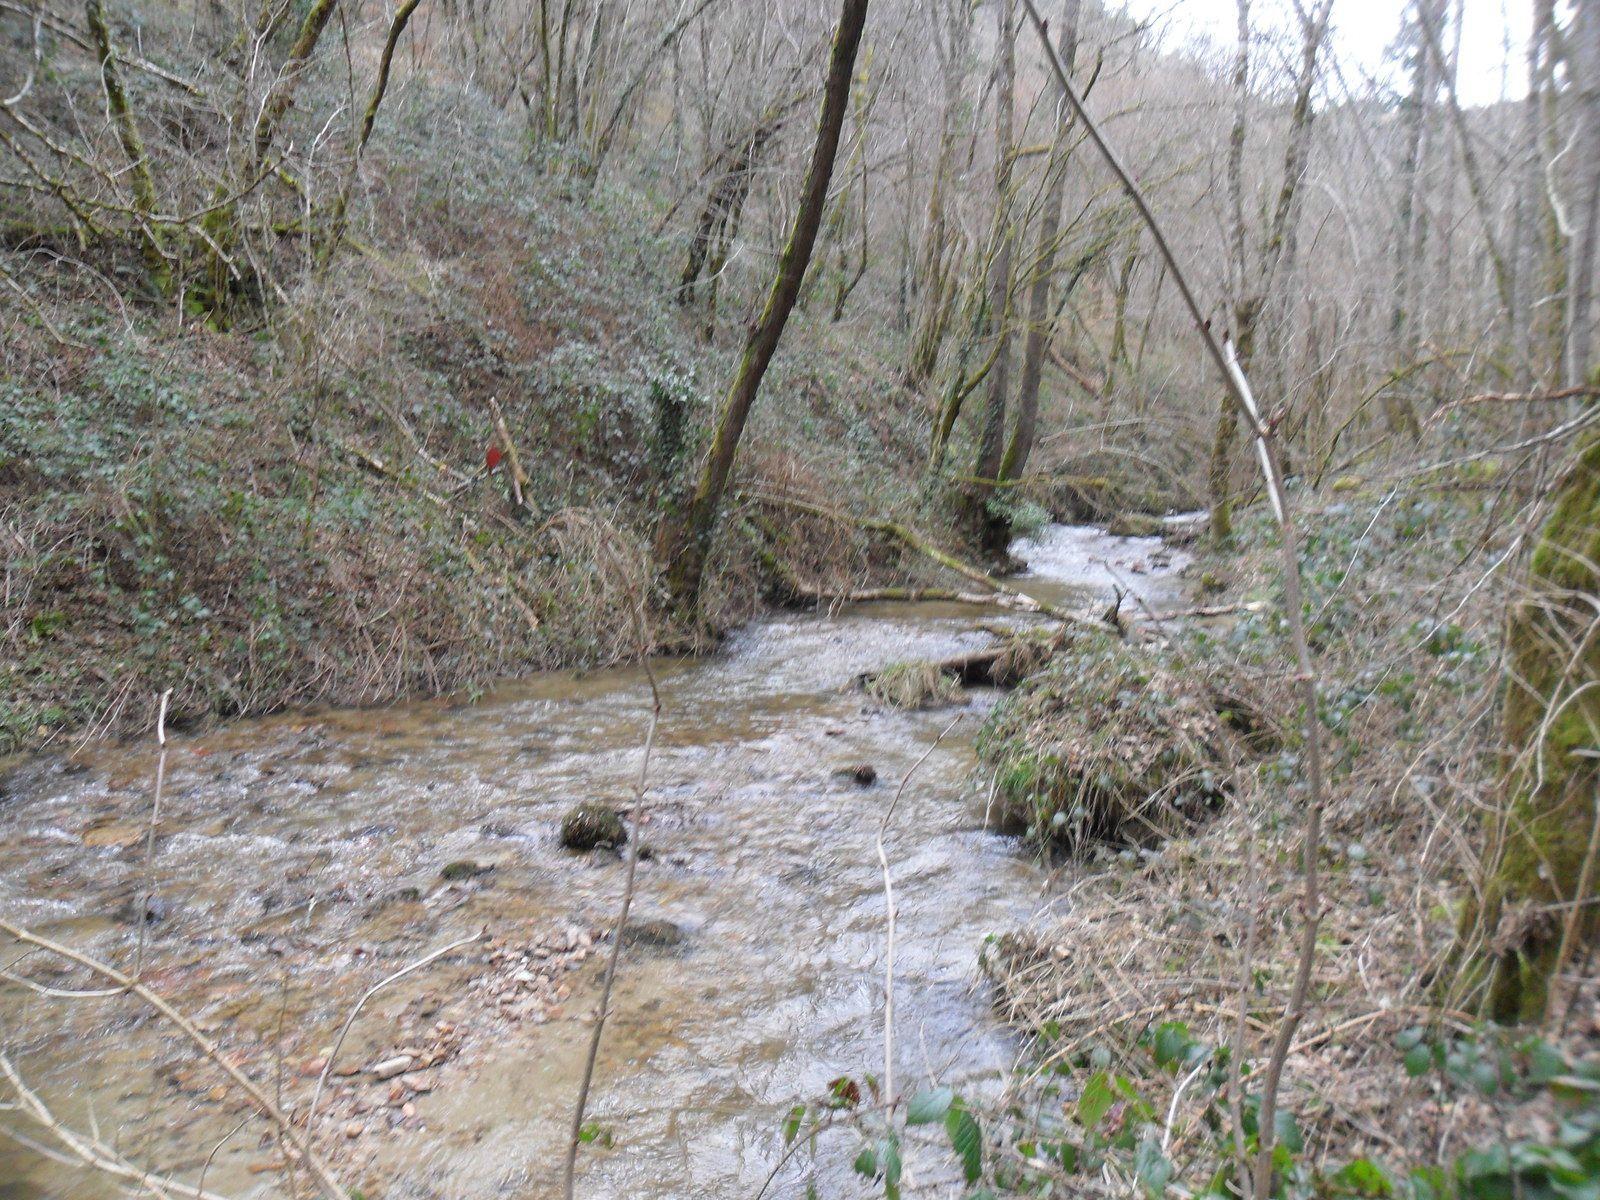 l'Amarou, ruisseau de 12 km du Sud-Ouest de la France, sous affluent de la Garonne par le Lot.